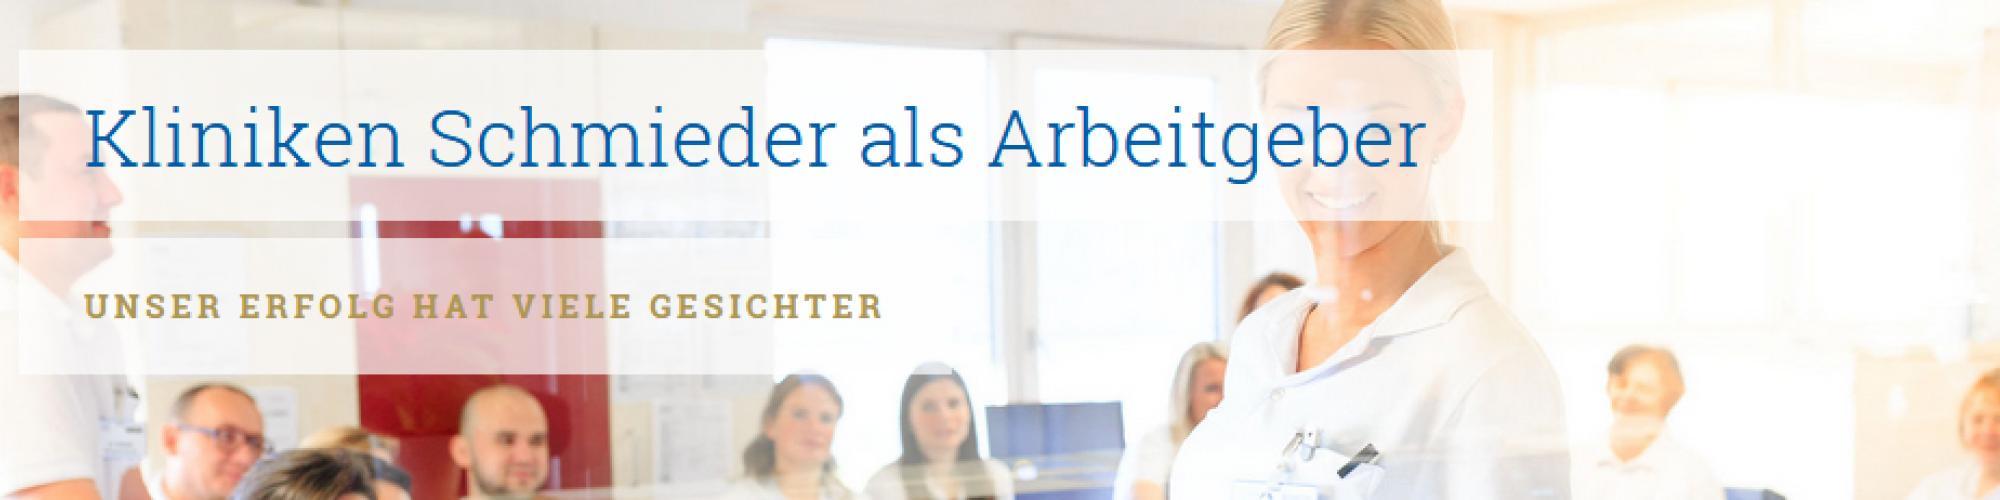 Kliniken Schmieder Stiftung + Co. KG